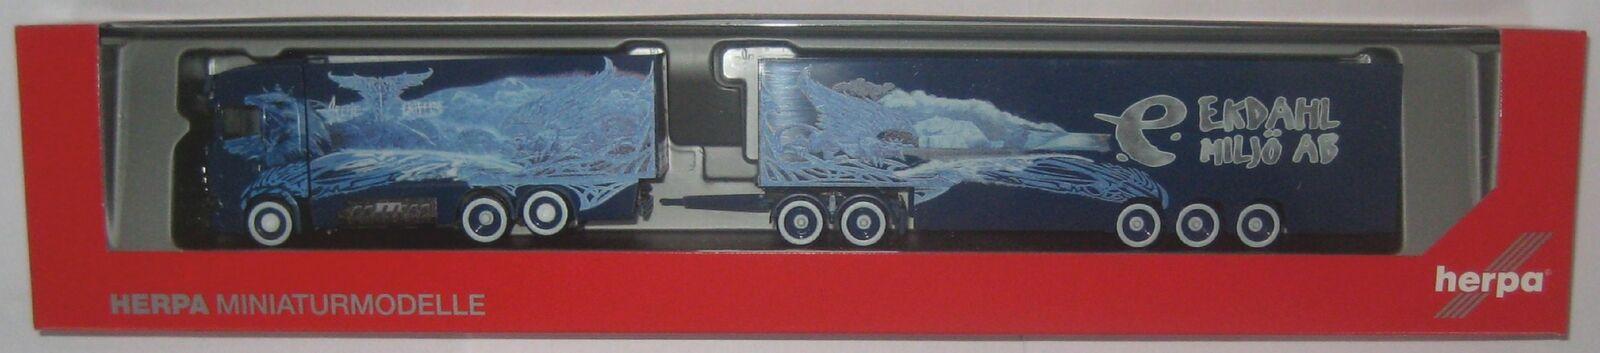 Herpa 309844 SCANIA CS 20 HD eurocombi Ekdahl Arctic Griffin (S) 1 87 voie HO